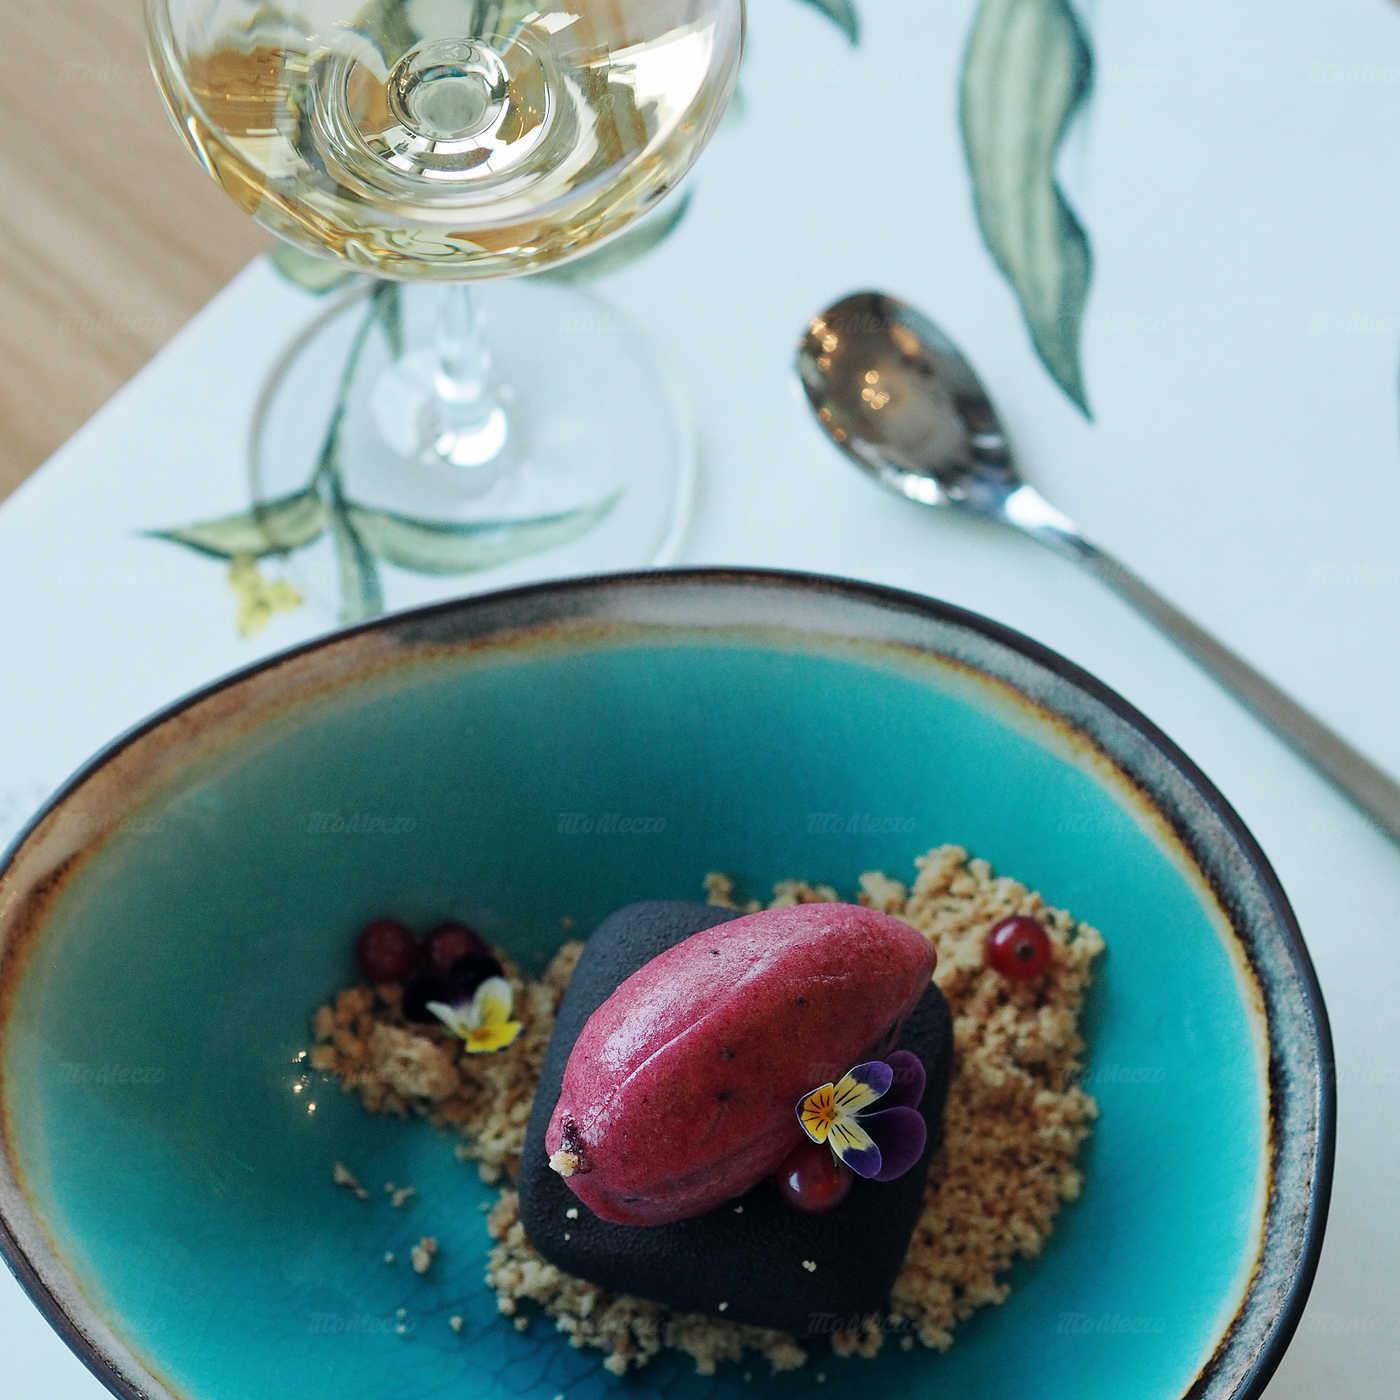 Меню ресторана Le Jardin (Ле Жардин) на Земледельческой фото 27